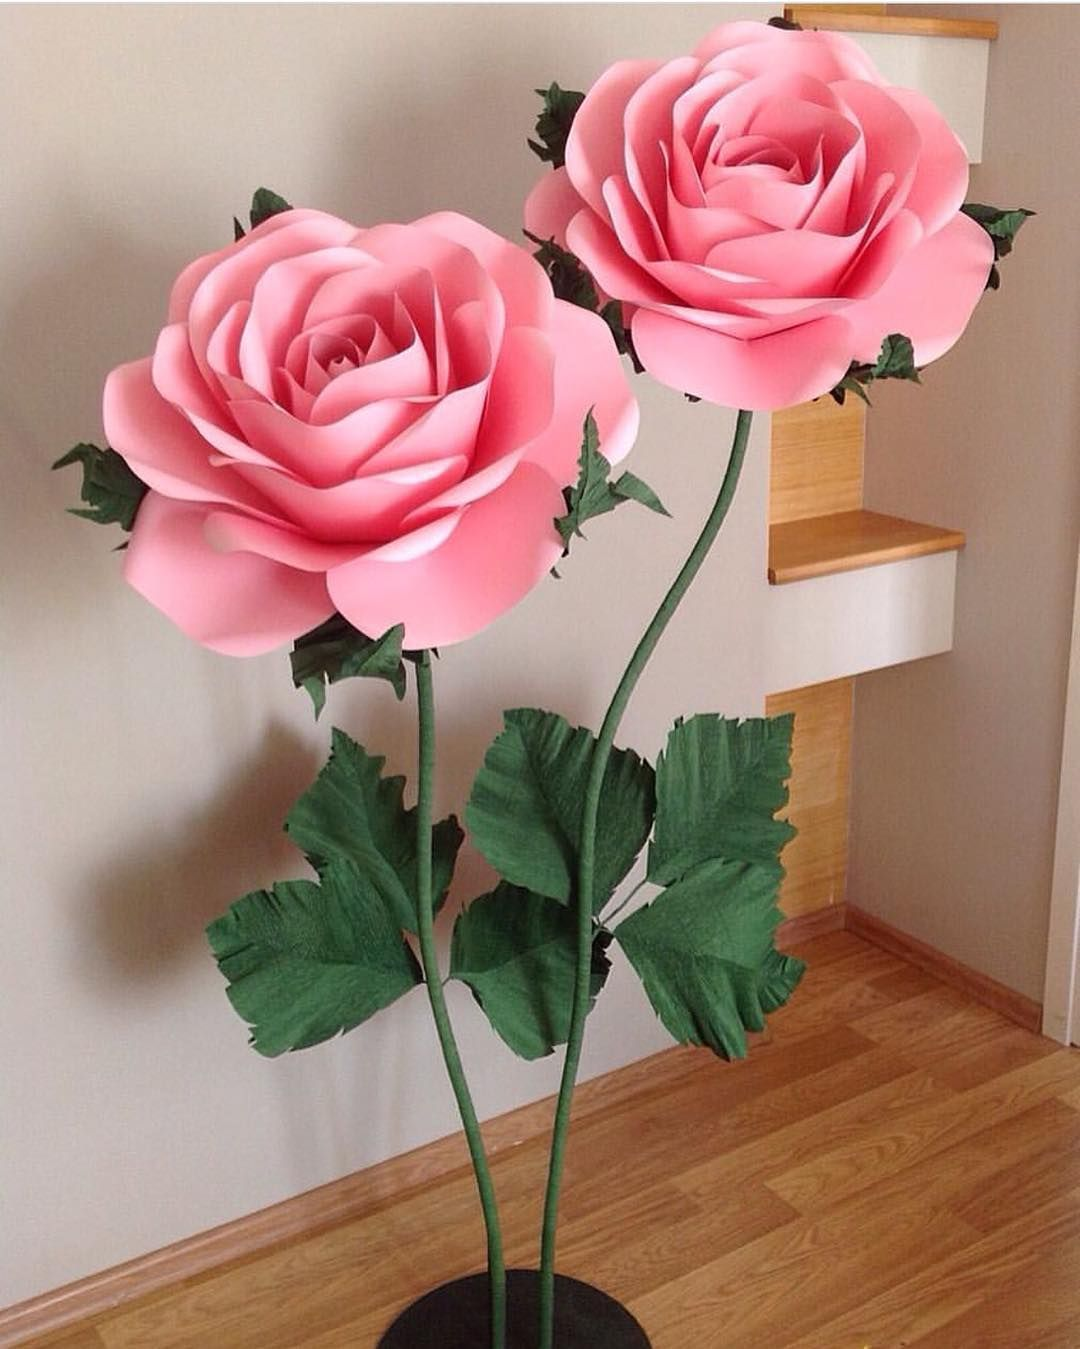 14474282_544202069102584_1391227163729985536_n.jpg (1080×1349) | Kağıt  çiçek, Büyük çiçekler, Çiçek